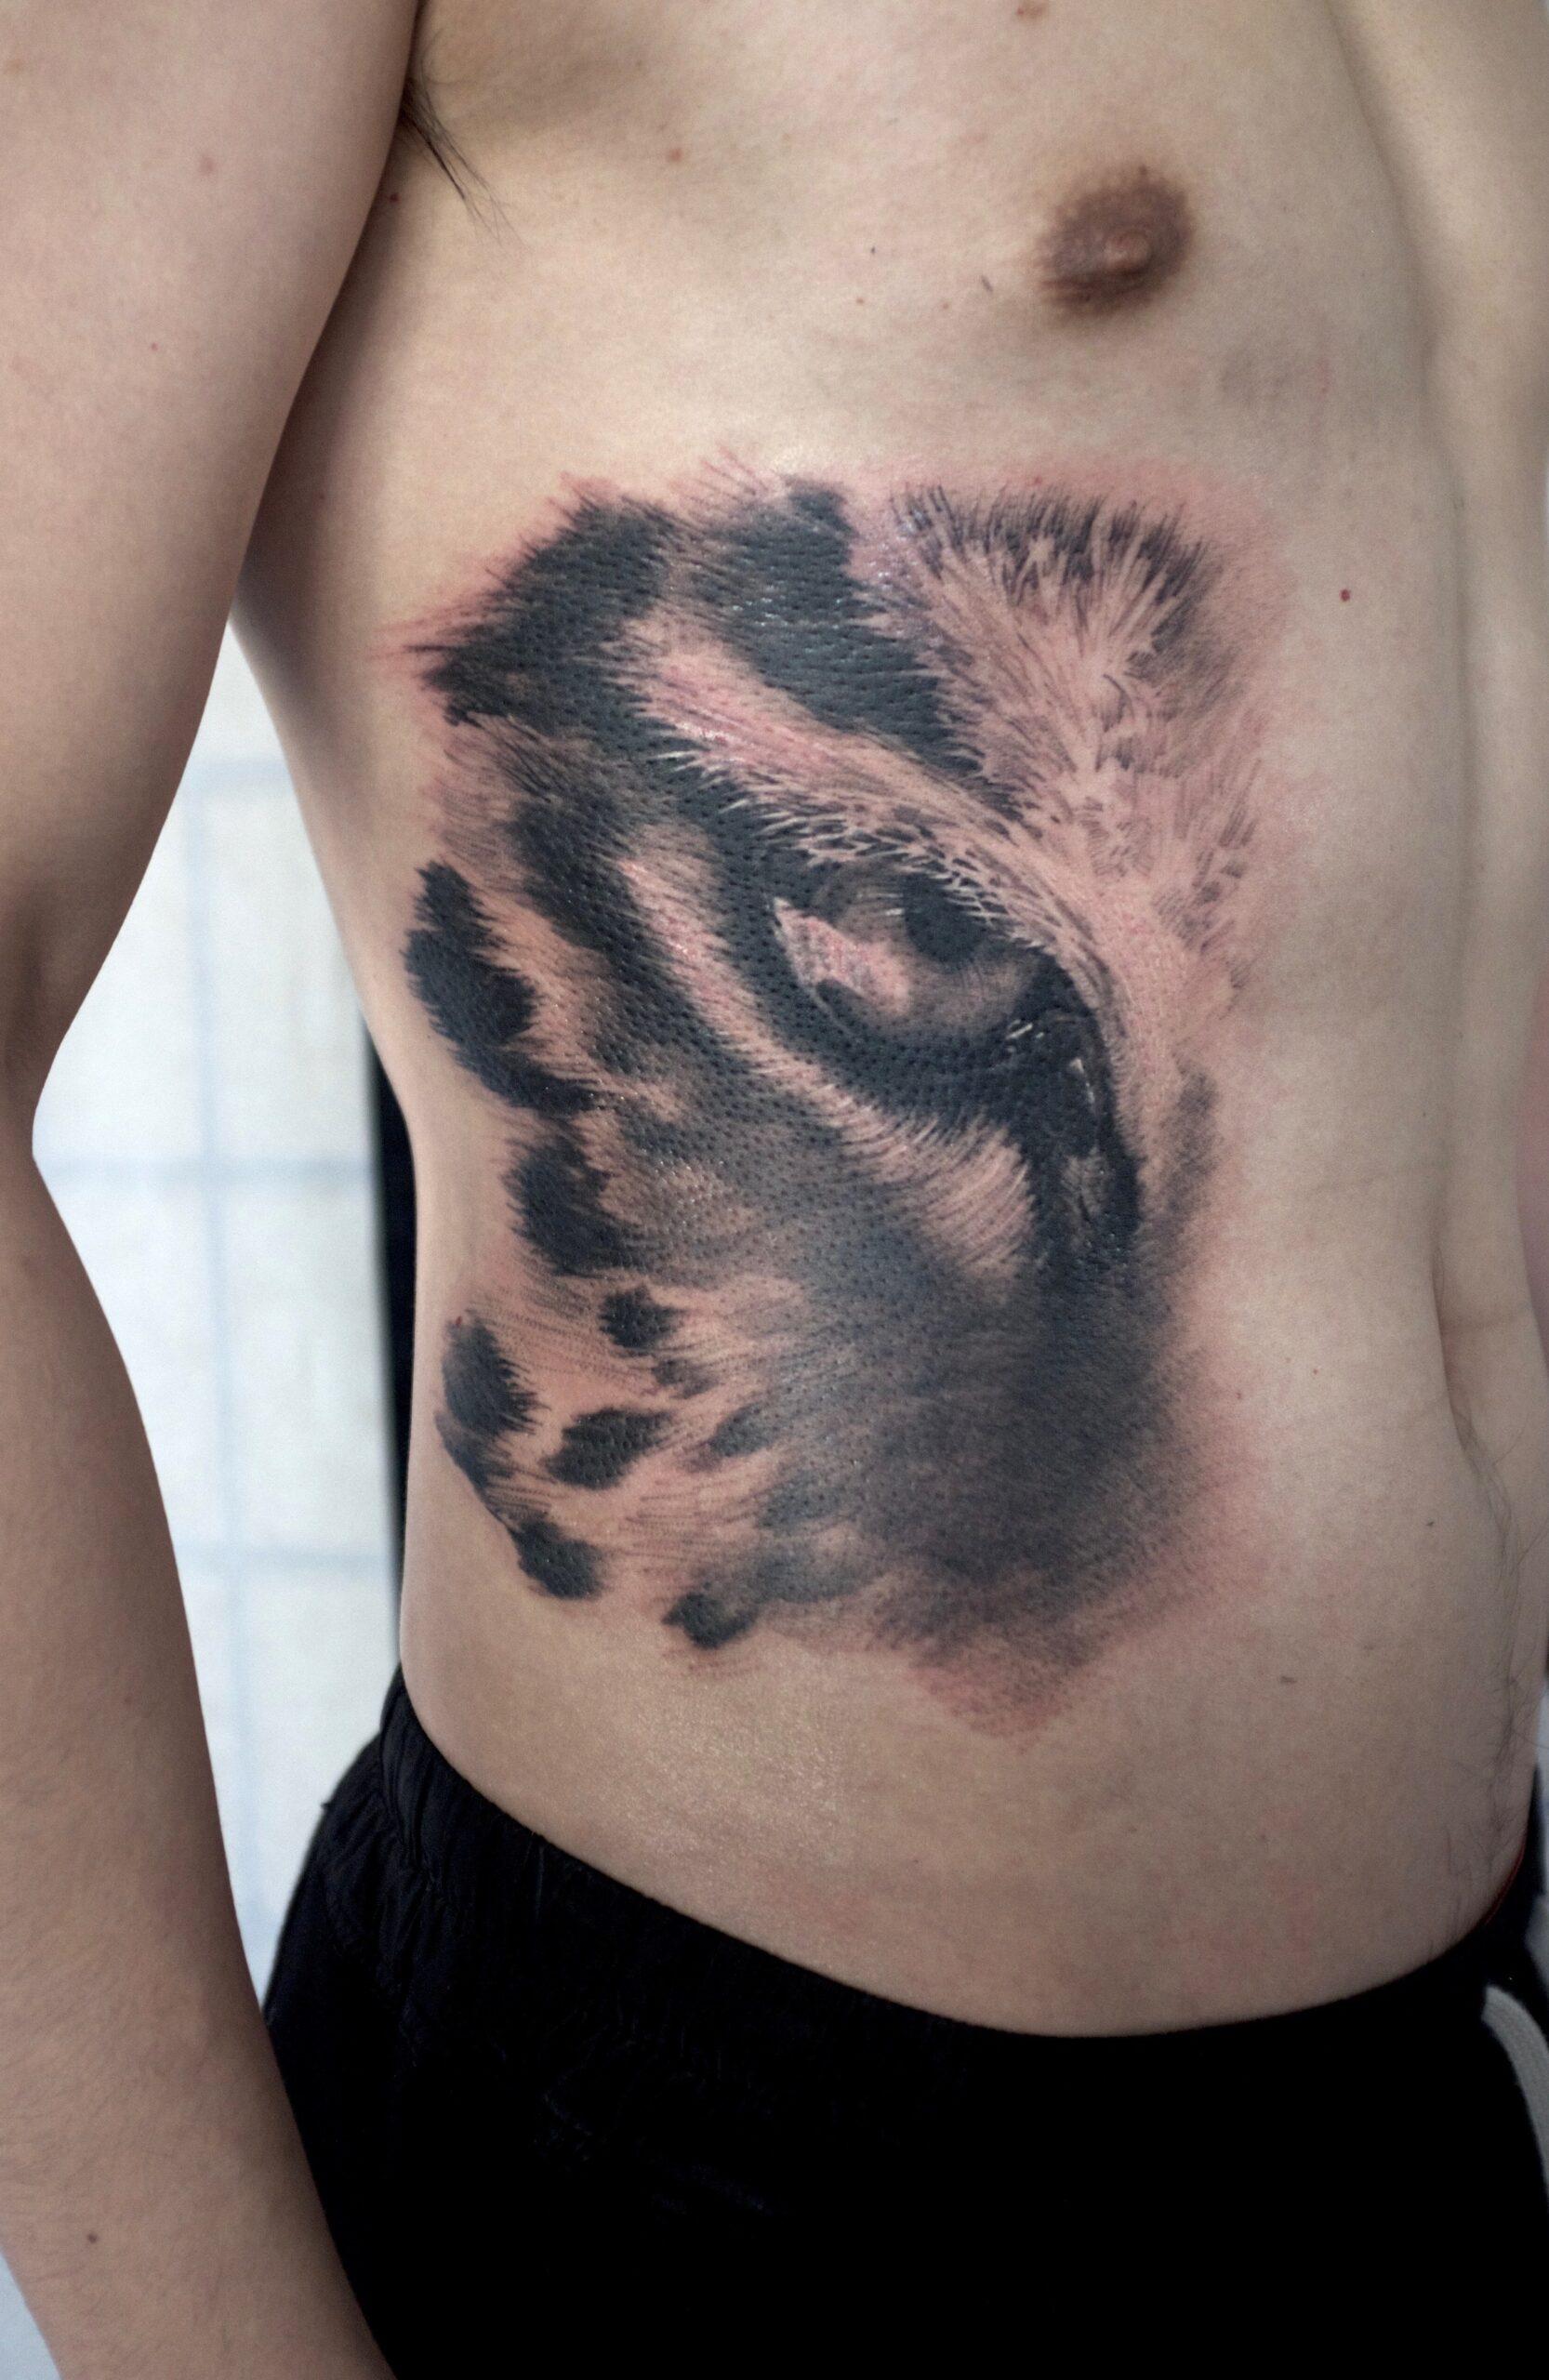 zhuo dan ting tattoo work 卓丹婷纹身作品 老虎眼睛纹身 1